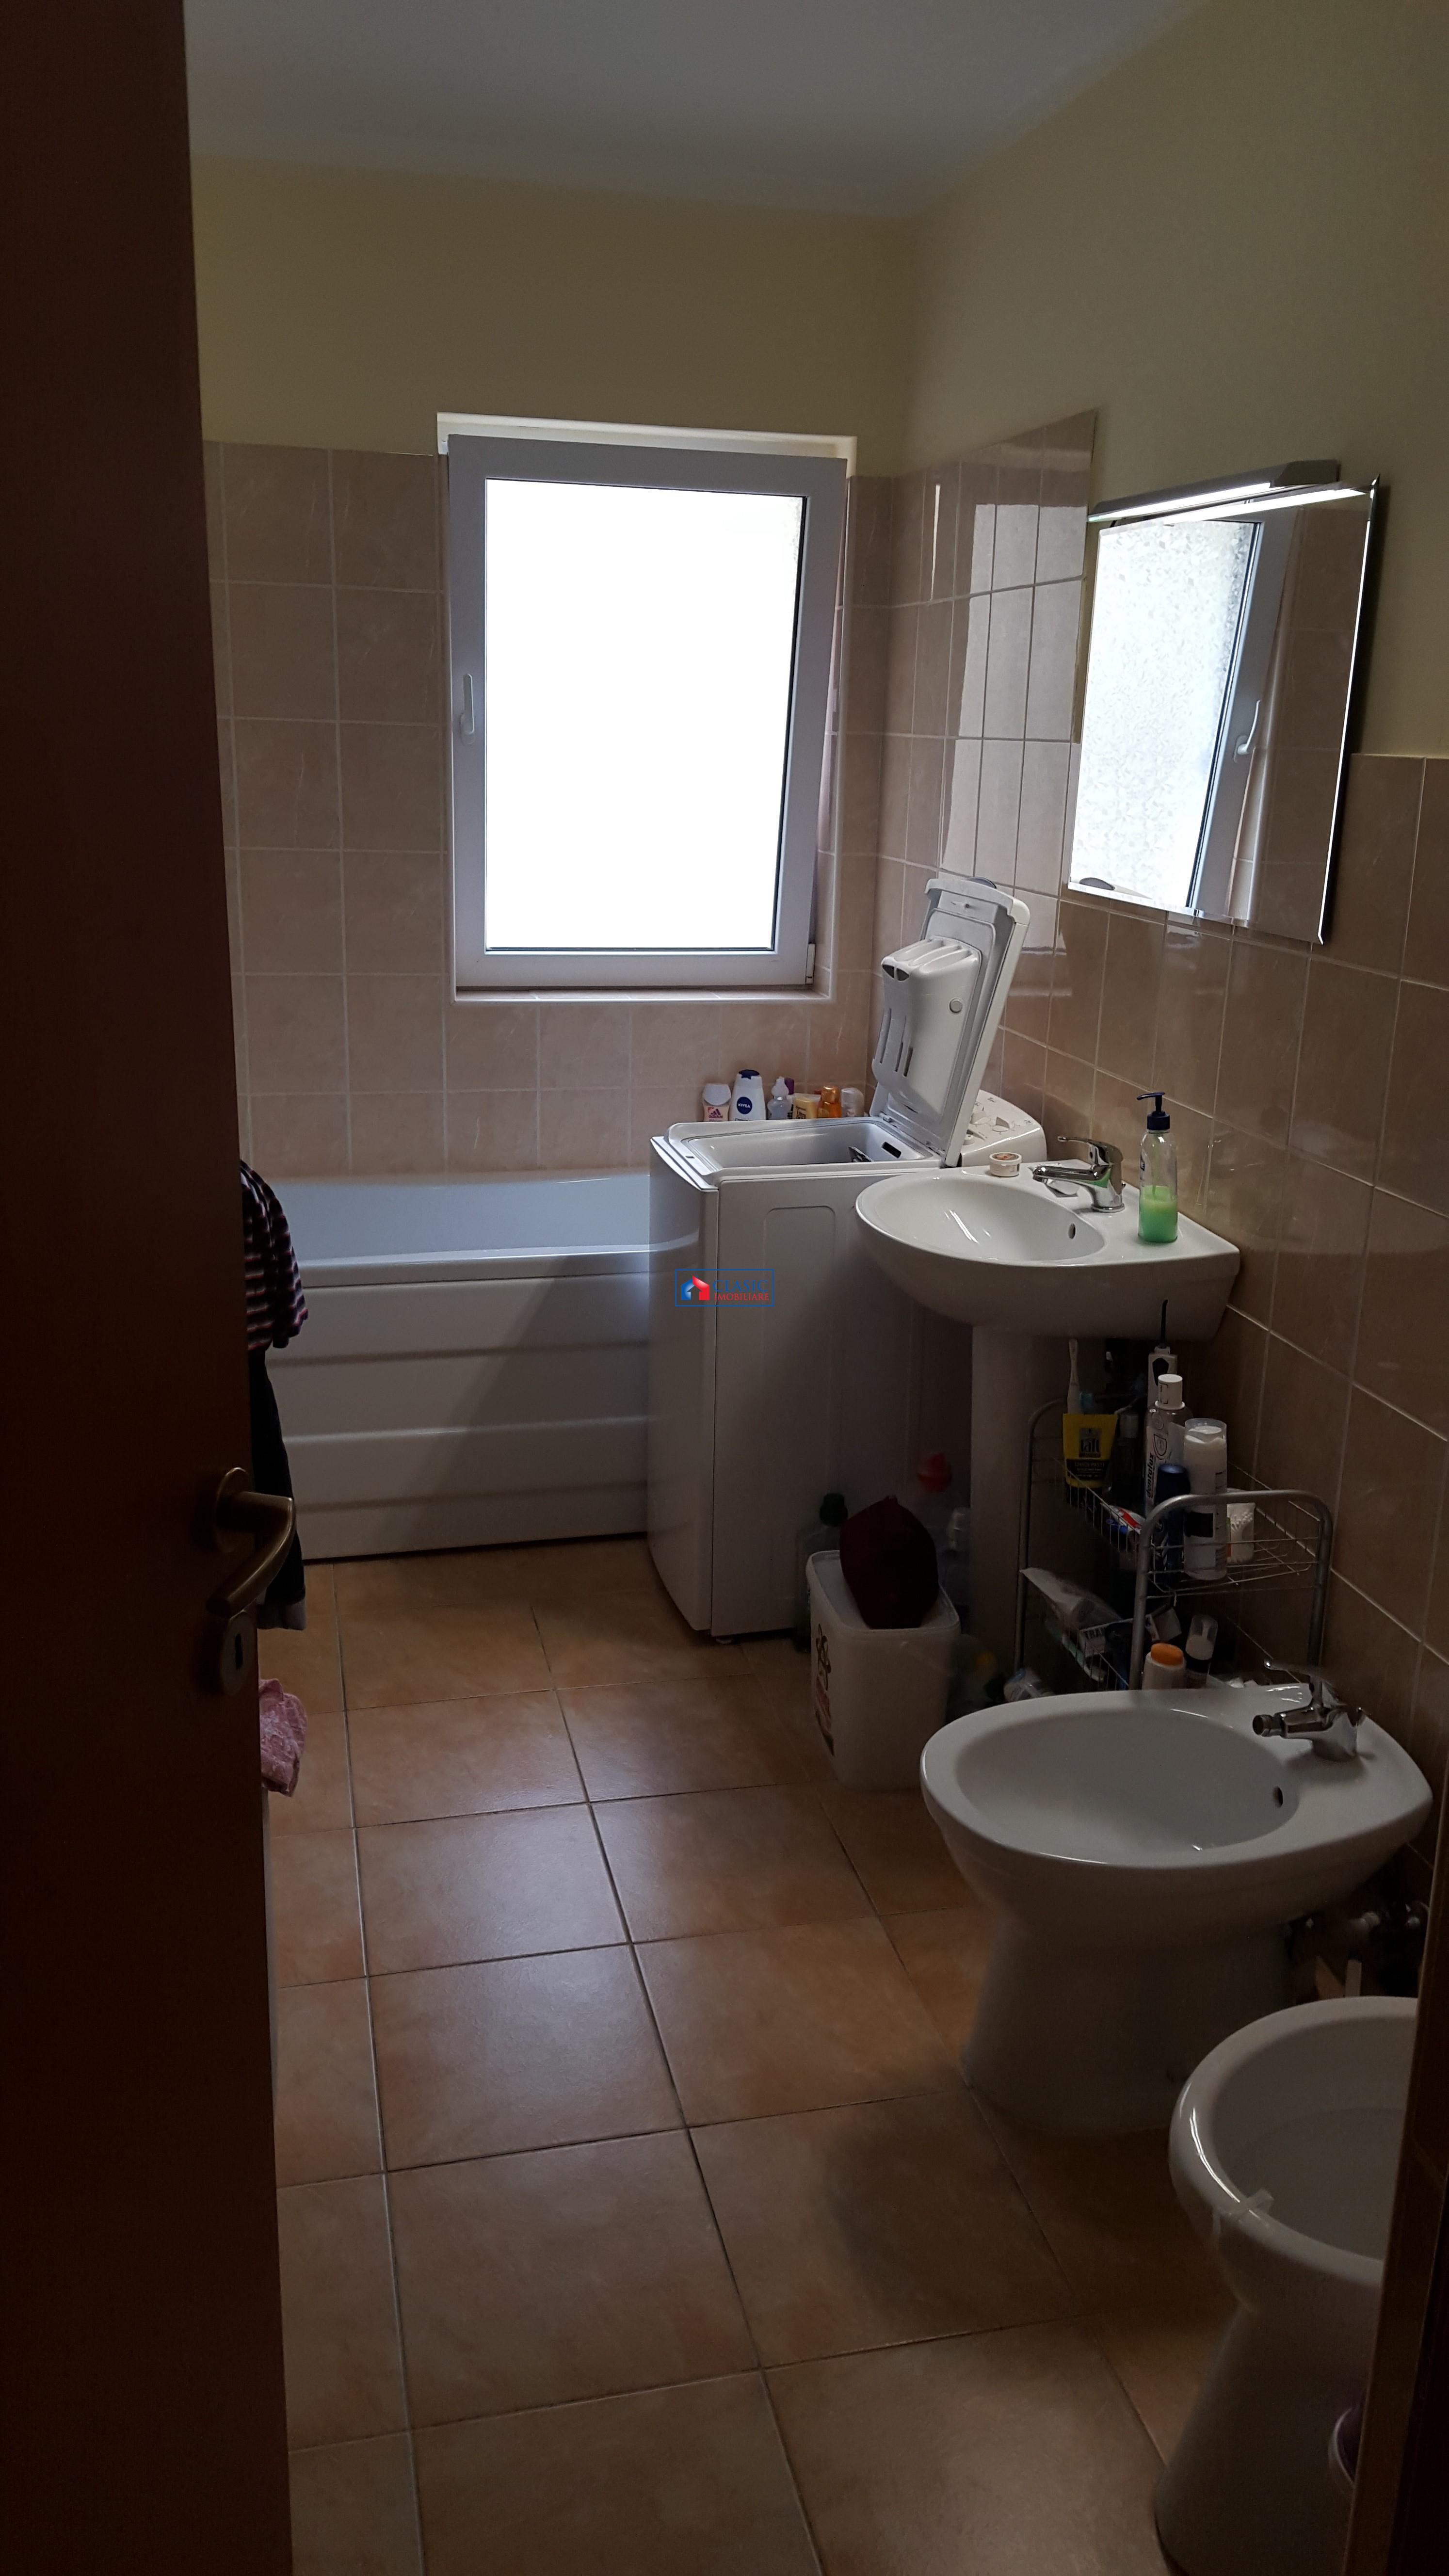 Vanzare Apartament o camera Zorilor   Europa   E. Ionescu, Cluj Napoca